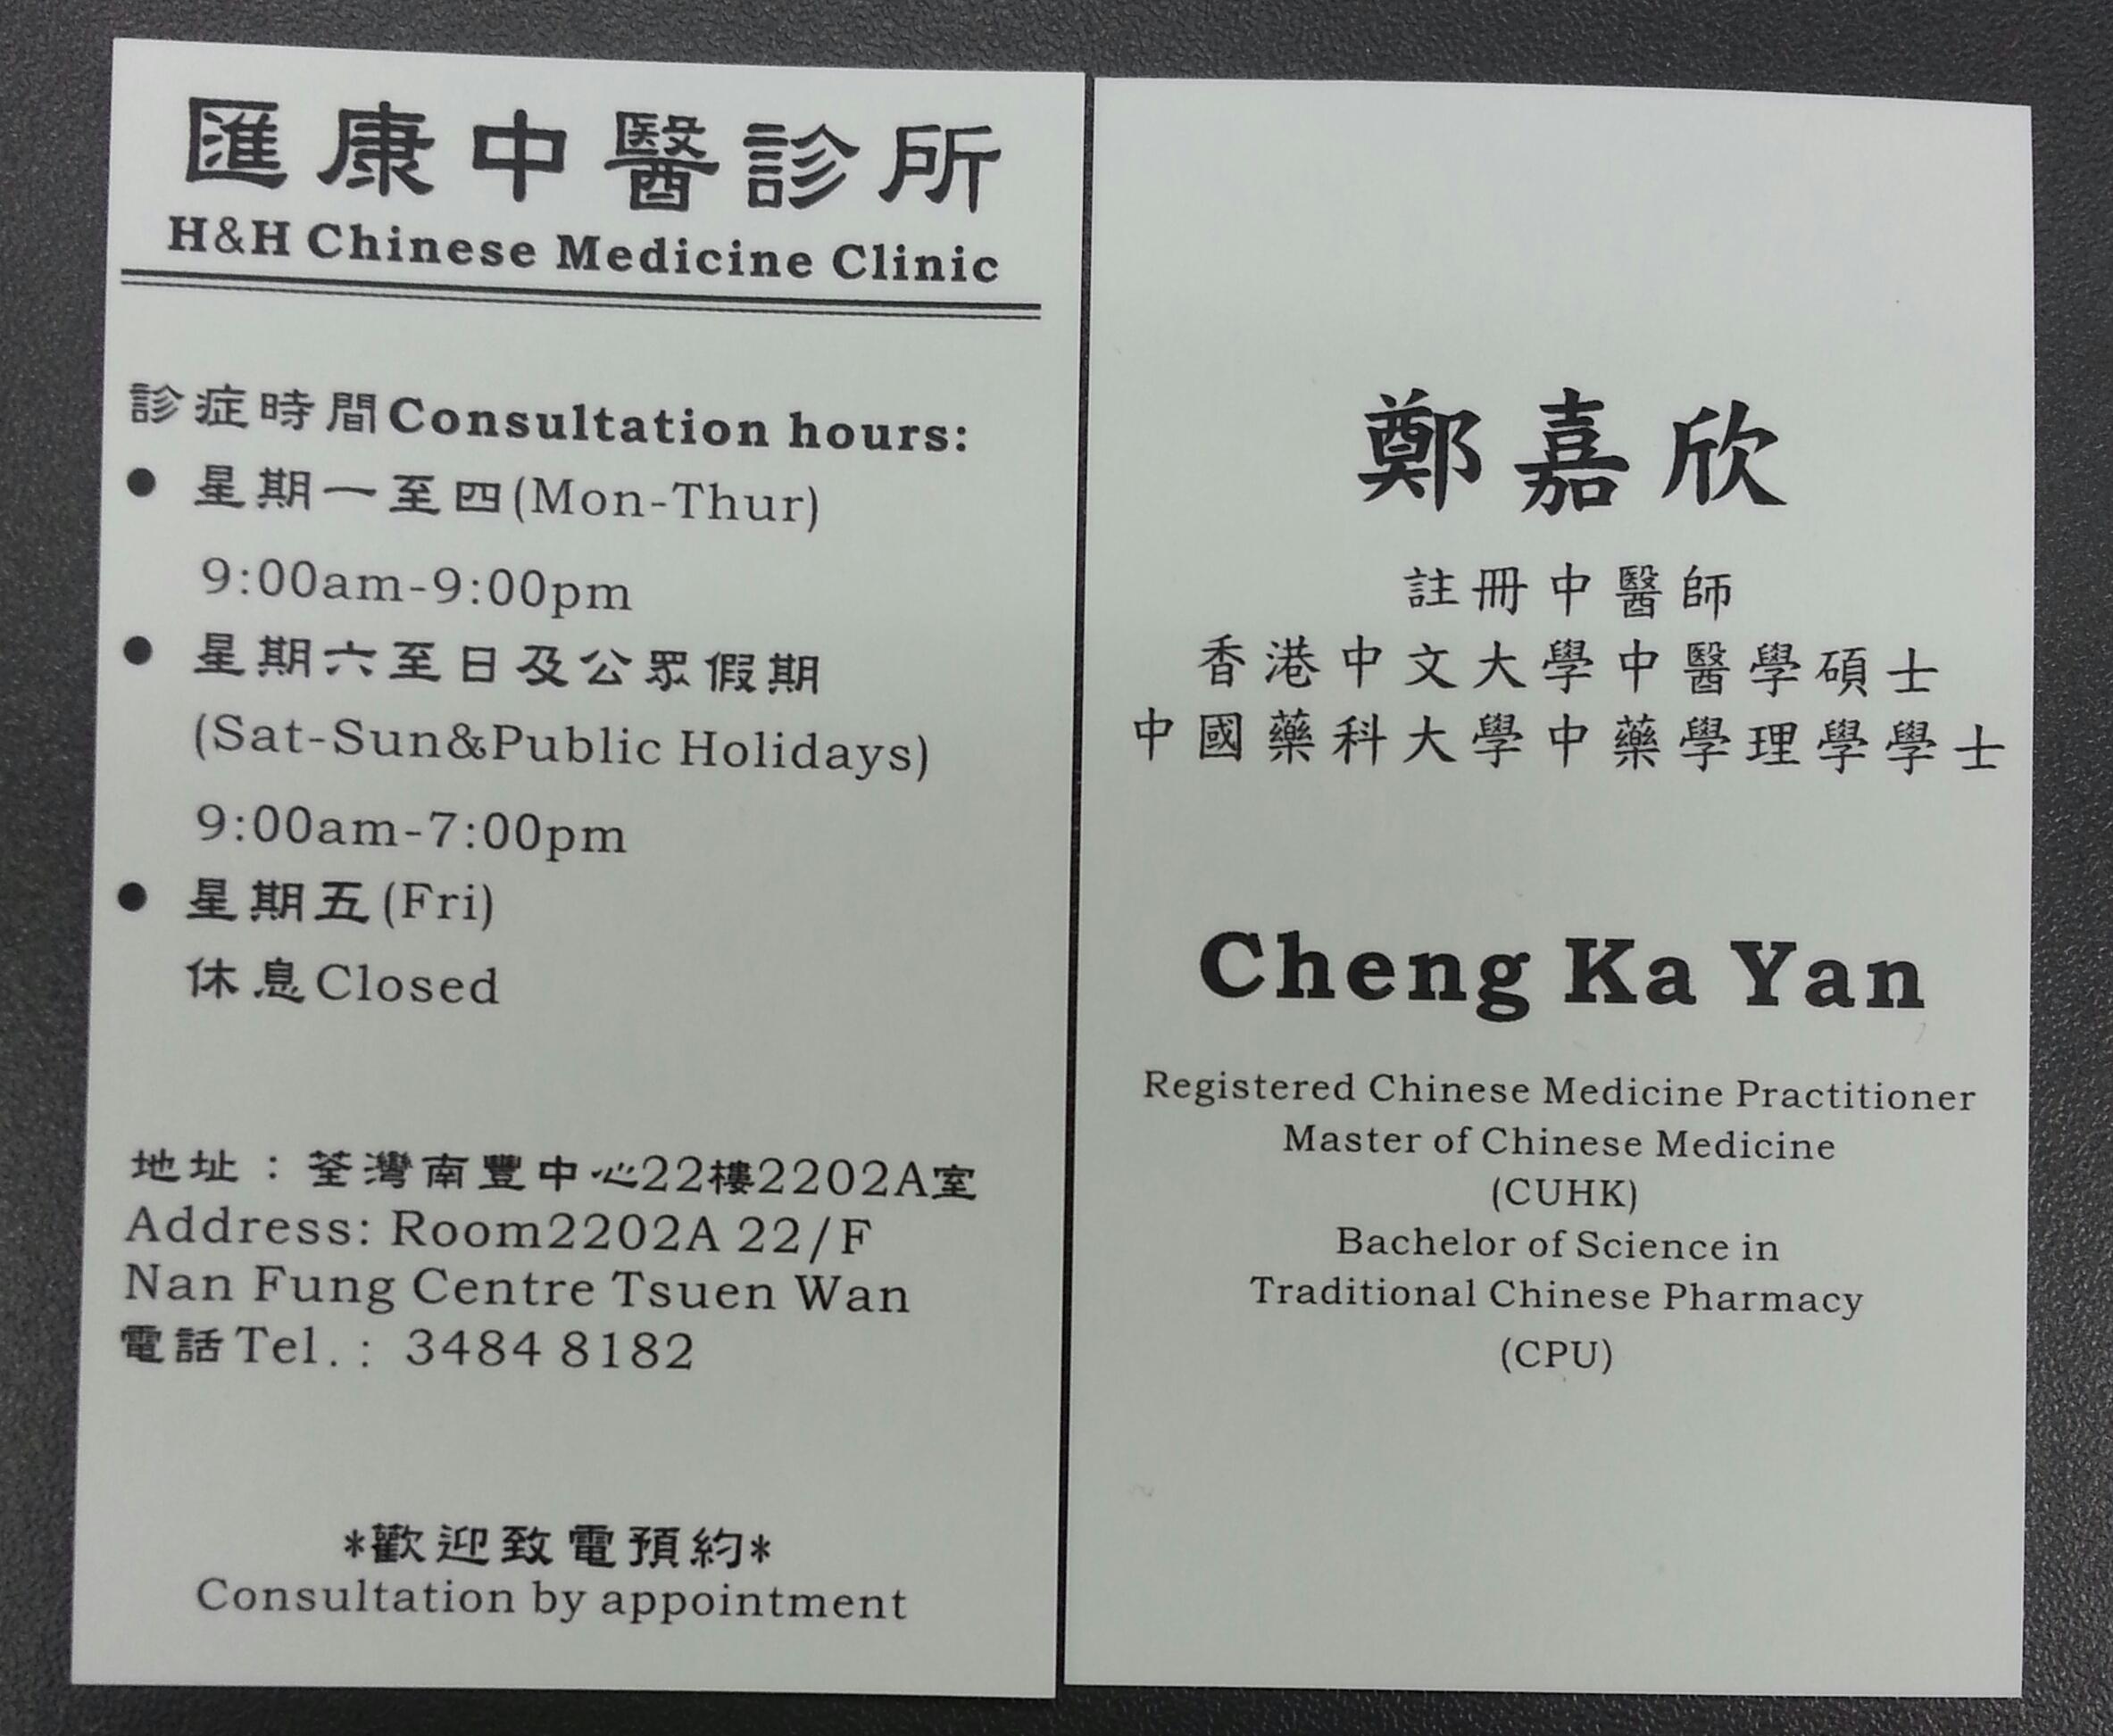 鄭嘉欣醫生介紹 香港荃灣註冊中醫醫生 Dr.Cheng Ka Yan - GoodDoctor 找個好醫生